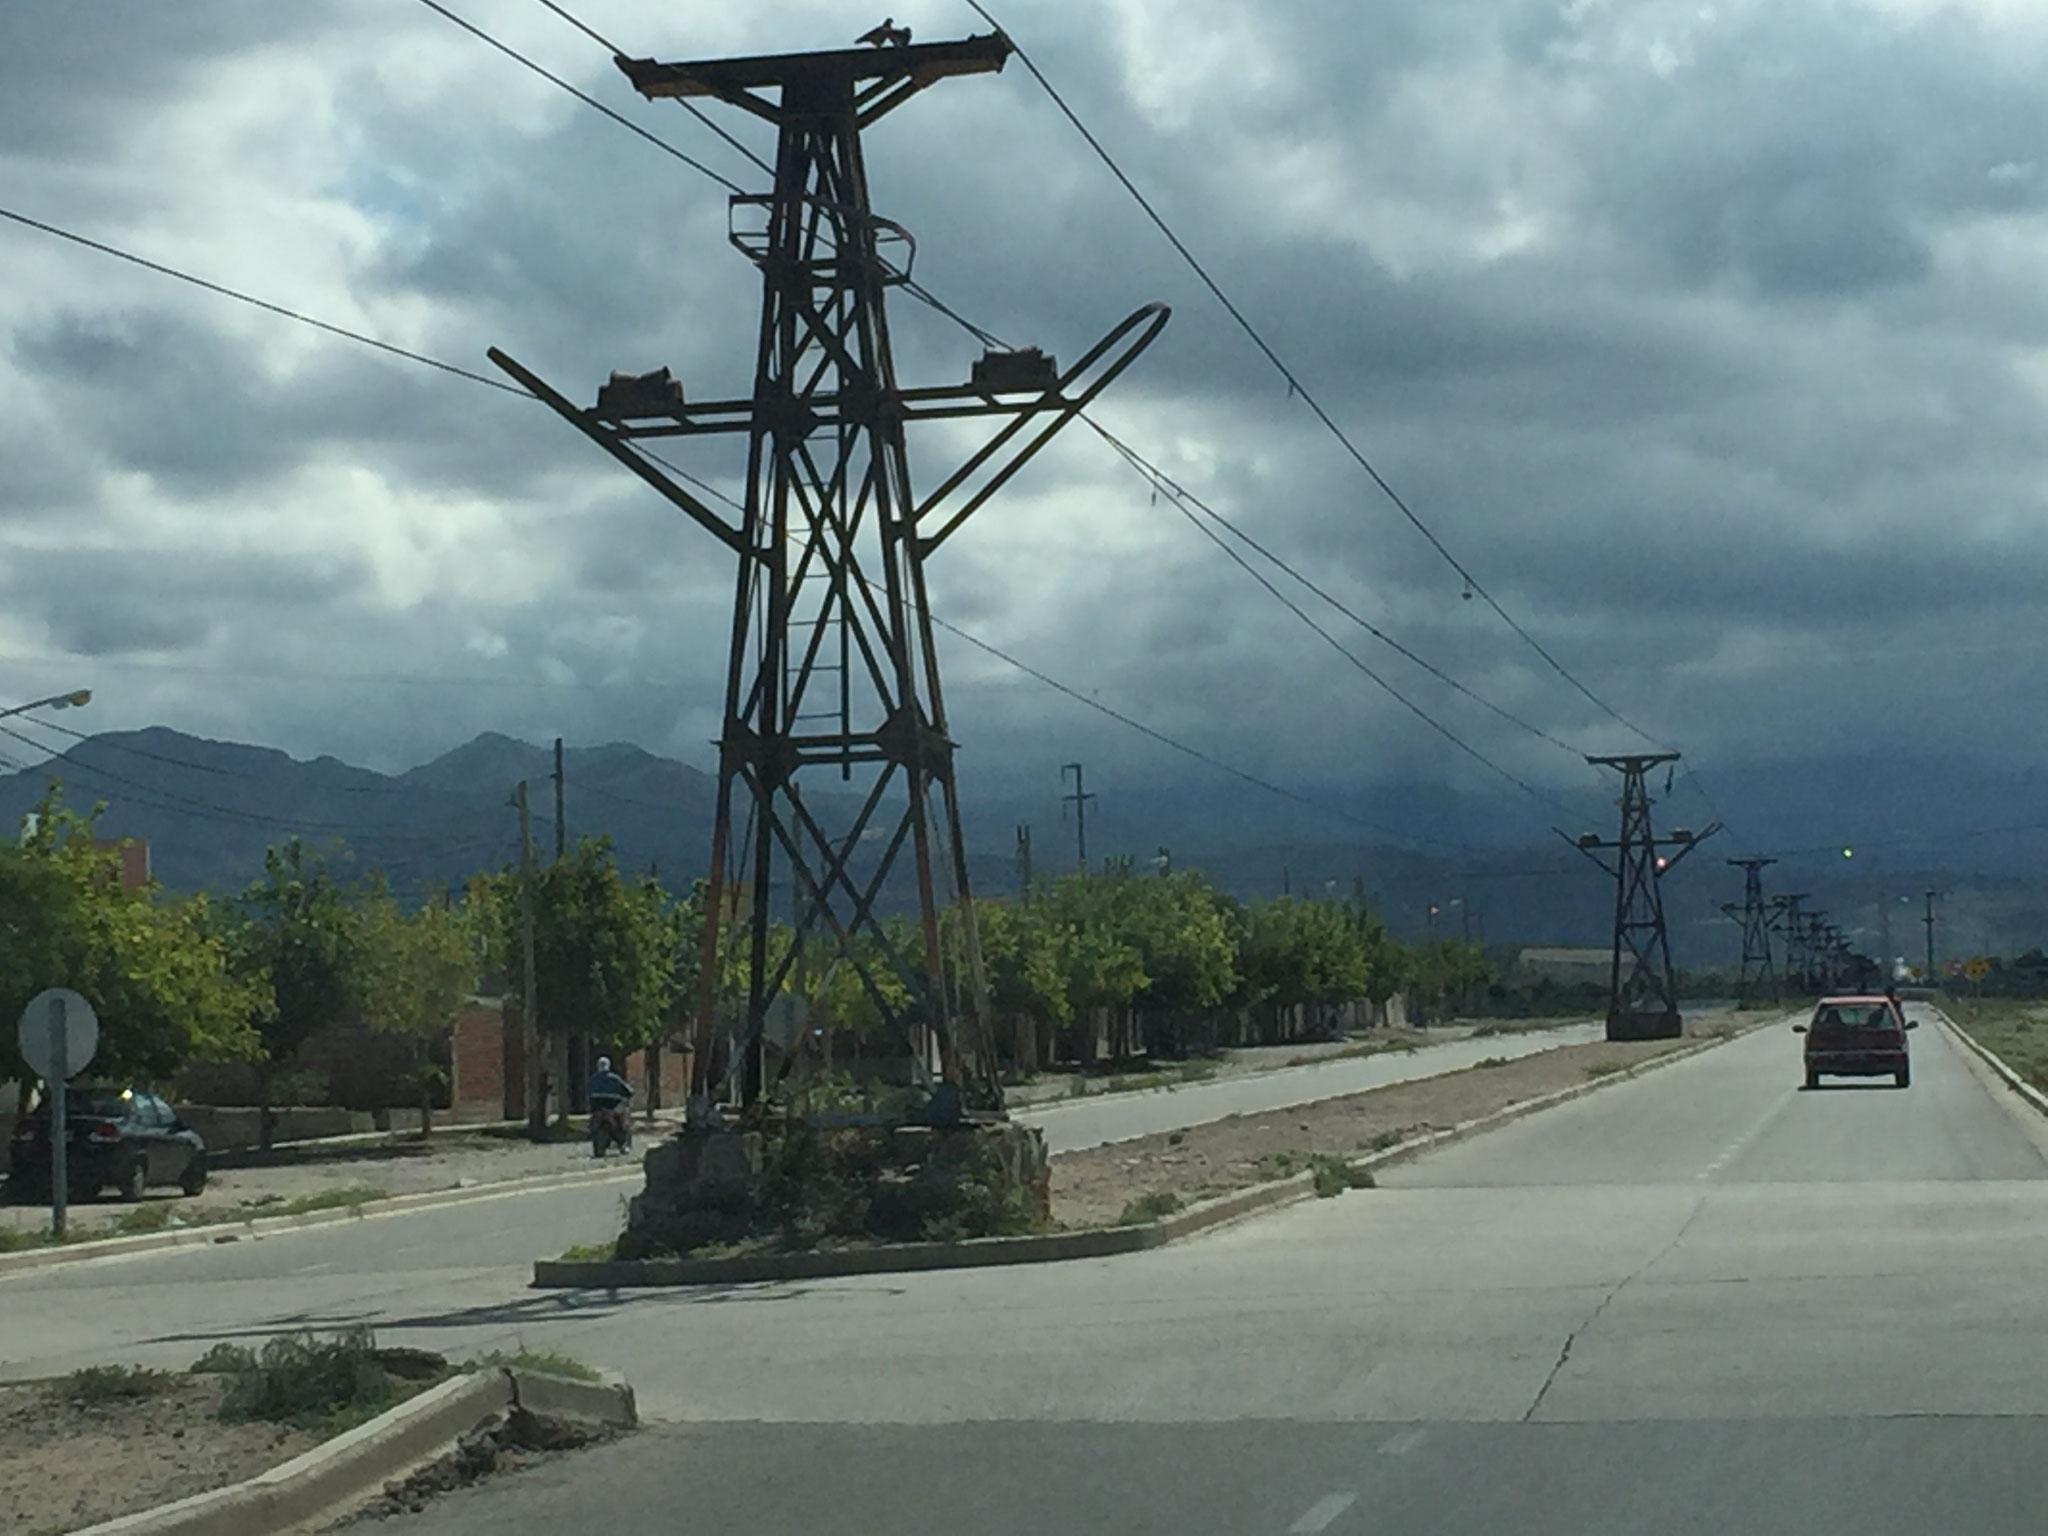 Chilecito, die Schwebebahn